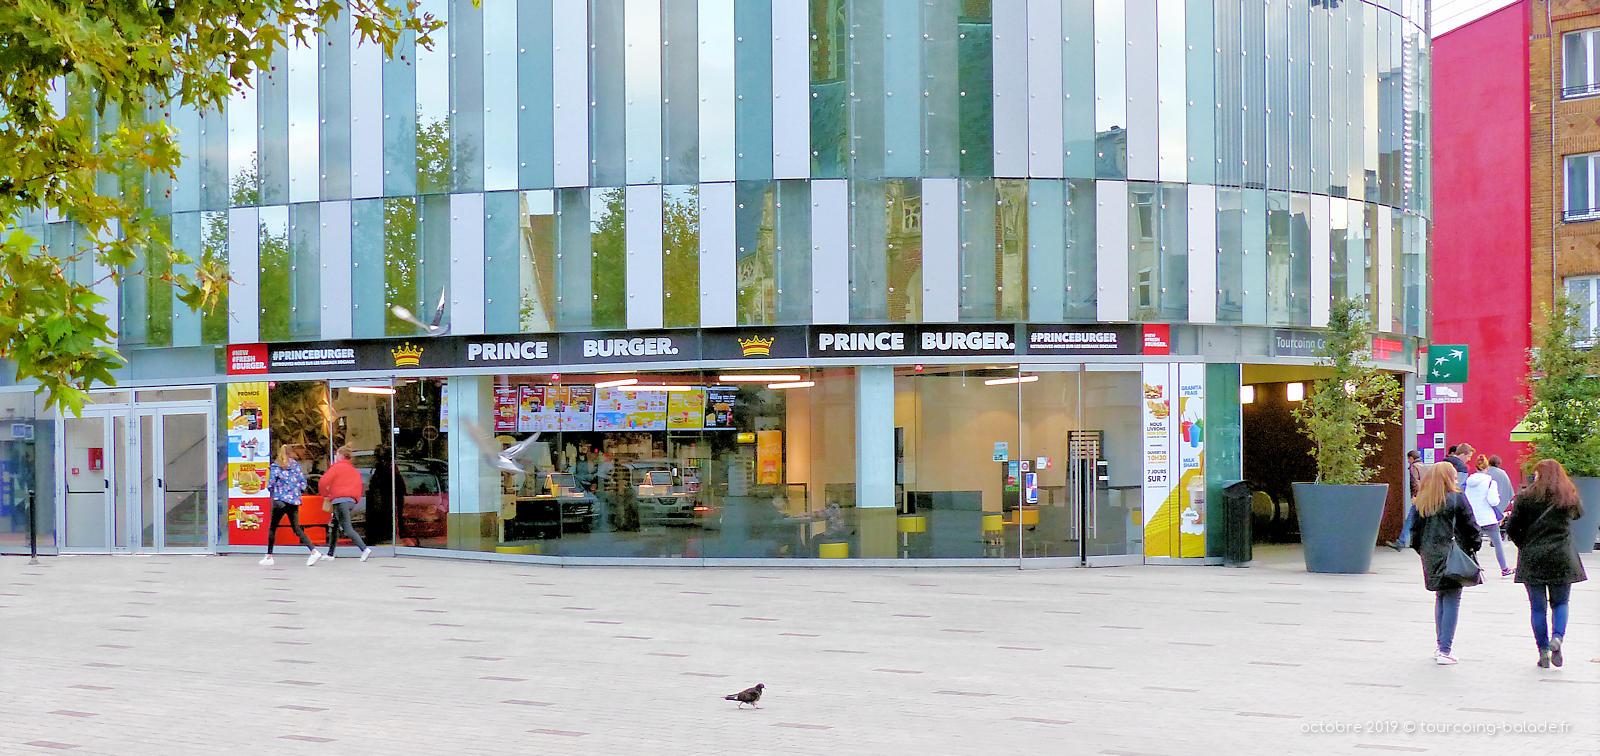 Prince Burger - Fast-Food Tourcoing Saint Christophe